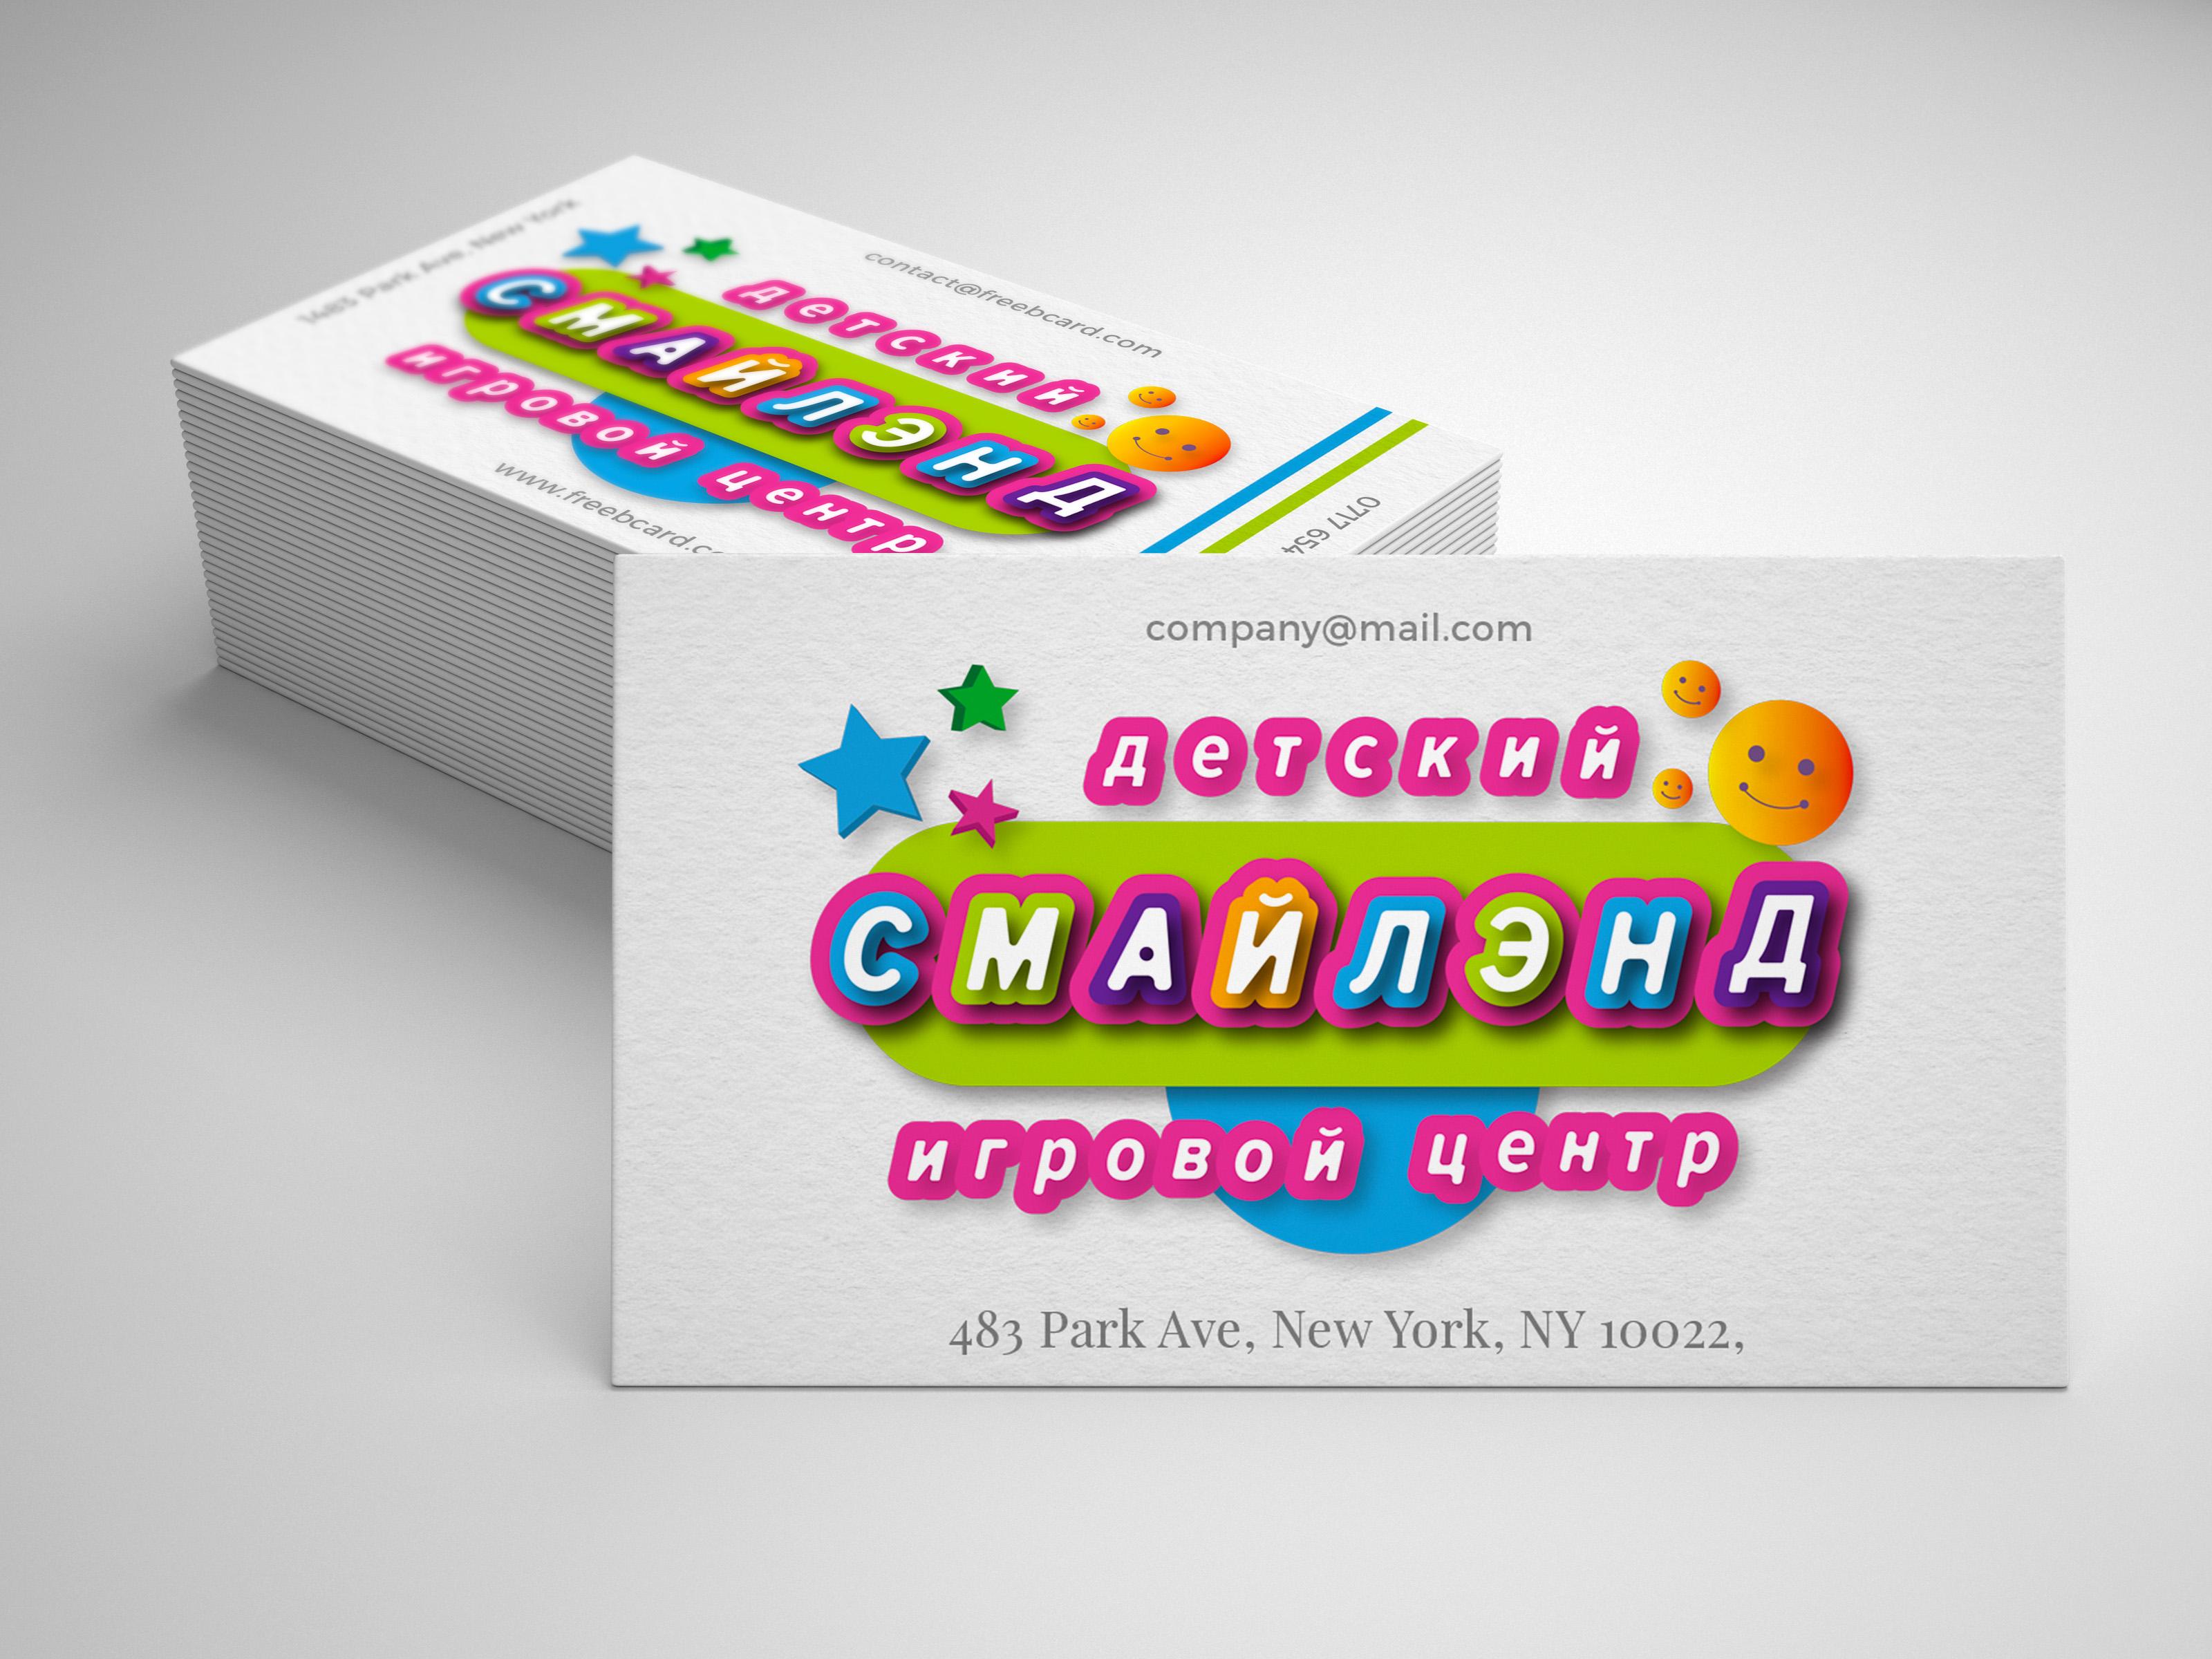 Логотип, стиль для детского игрового центра. фото f_0135a4179396faea.jpg